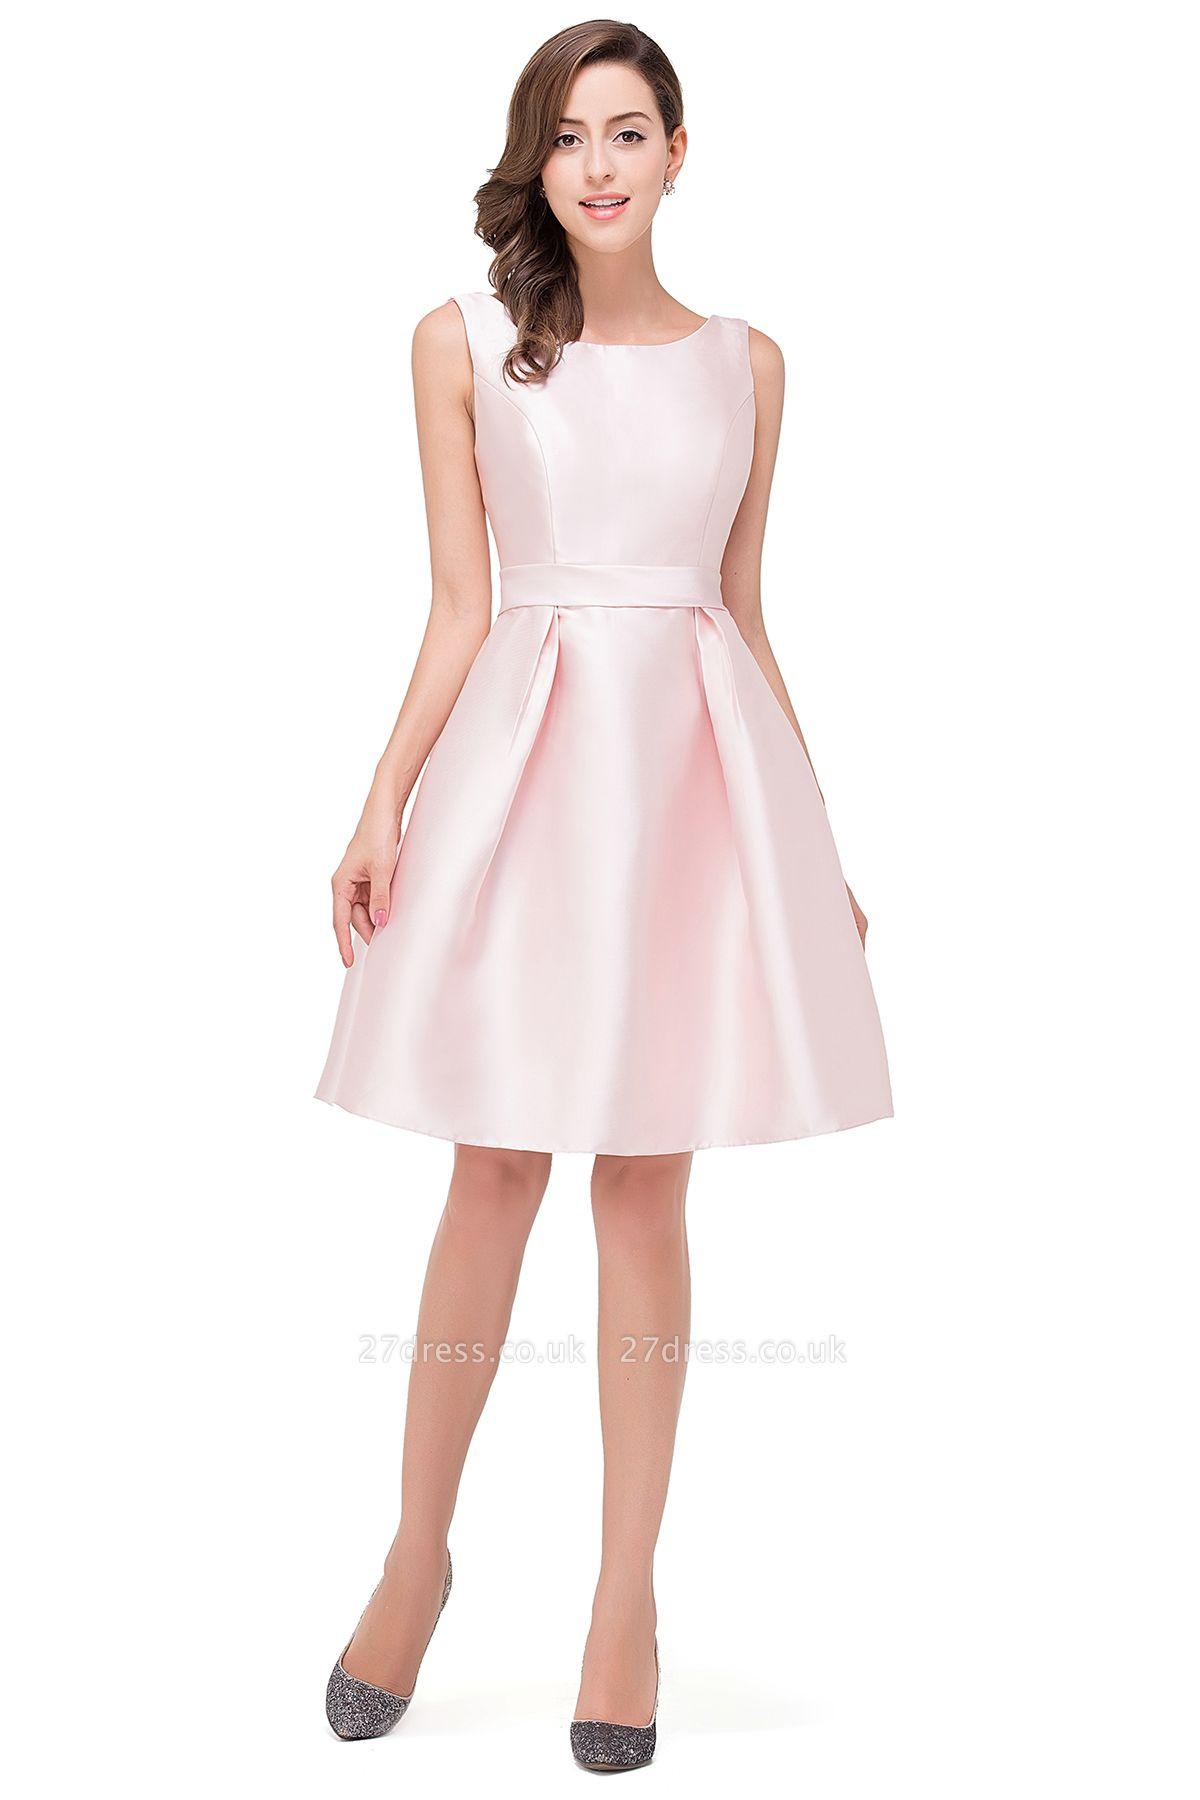 Lovely Pink Sleeveless Short Homecoming Dress UK Zipper Back